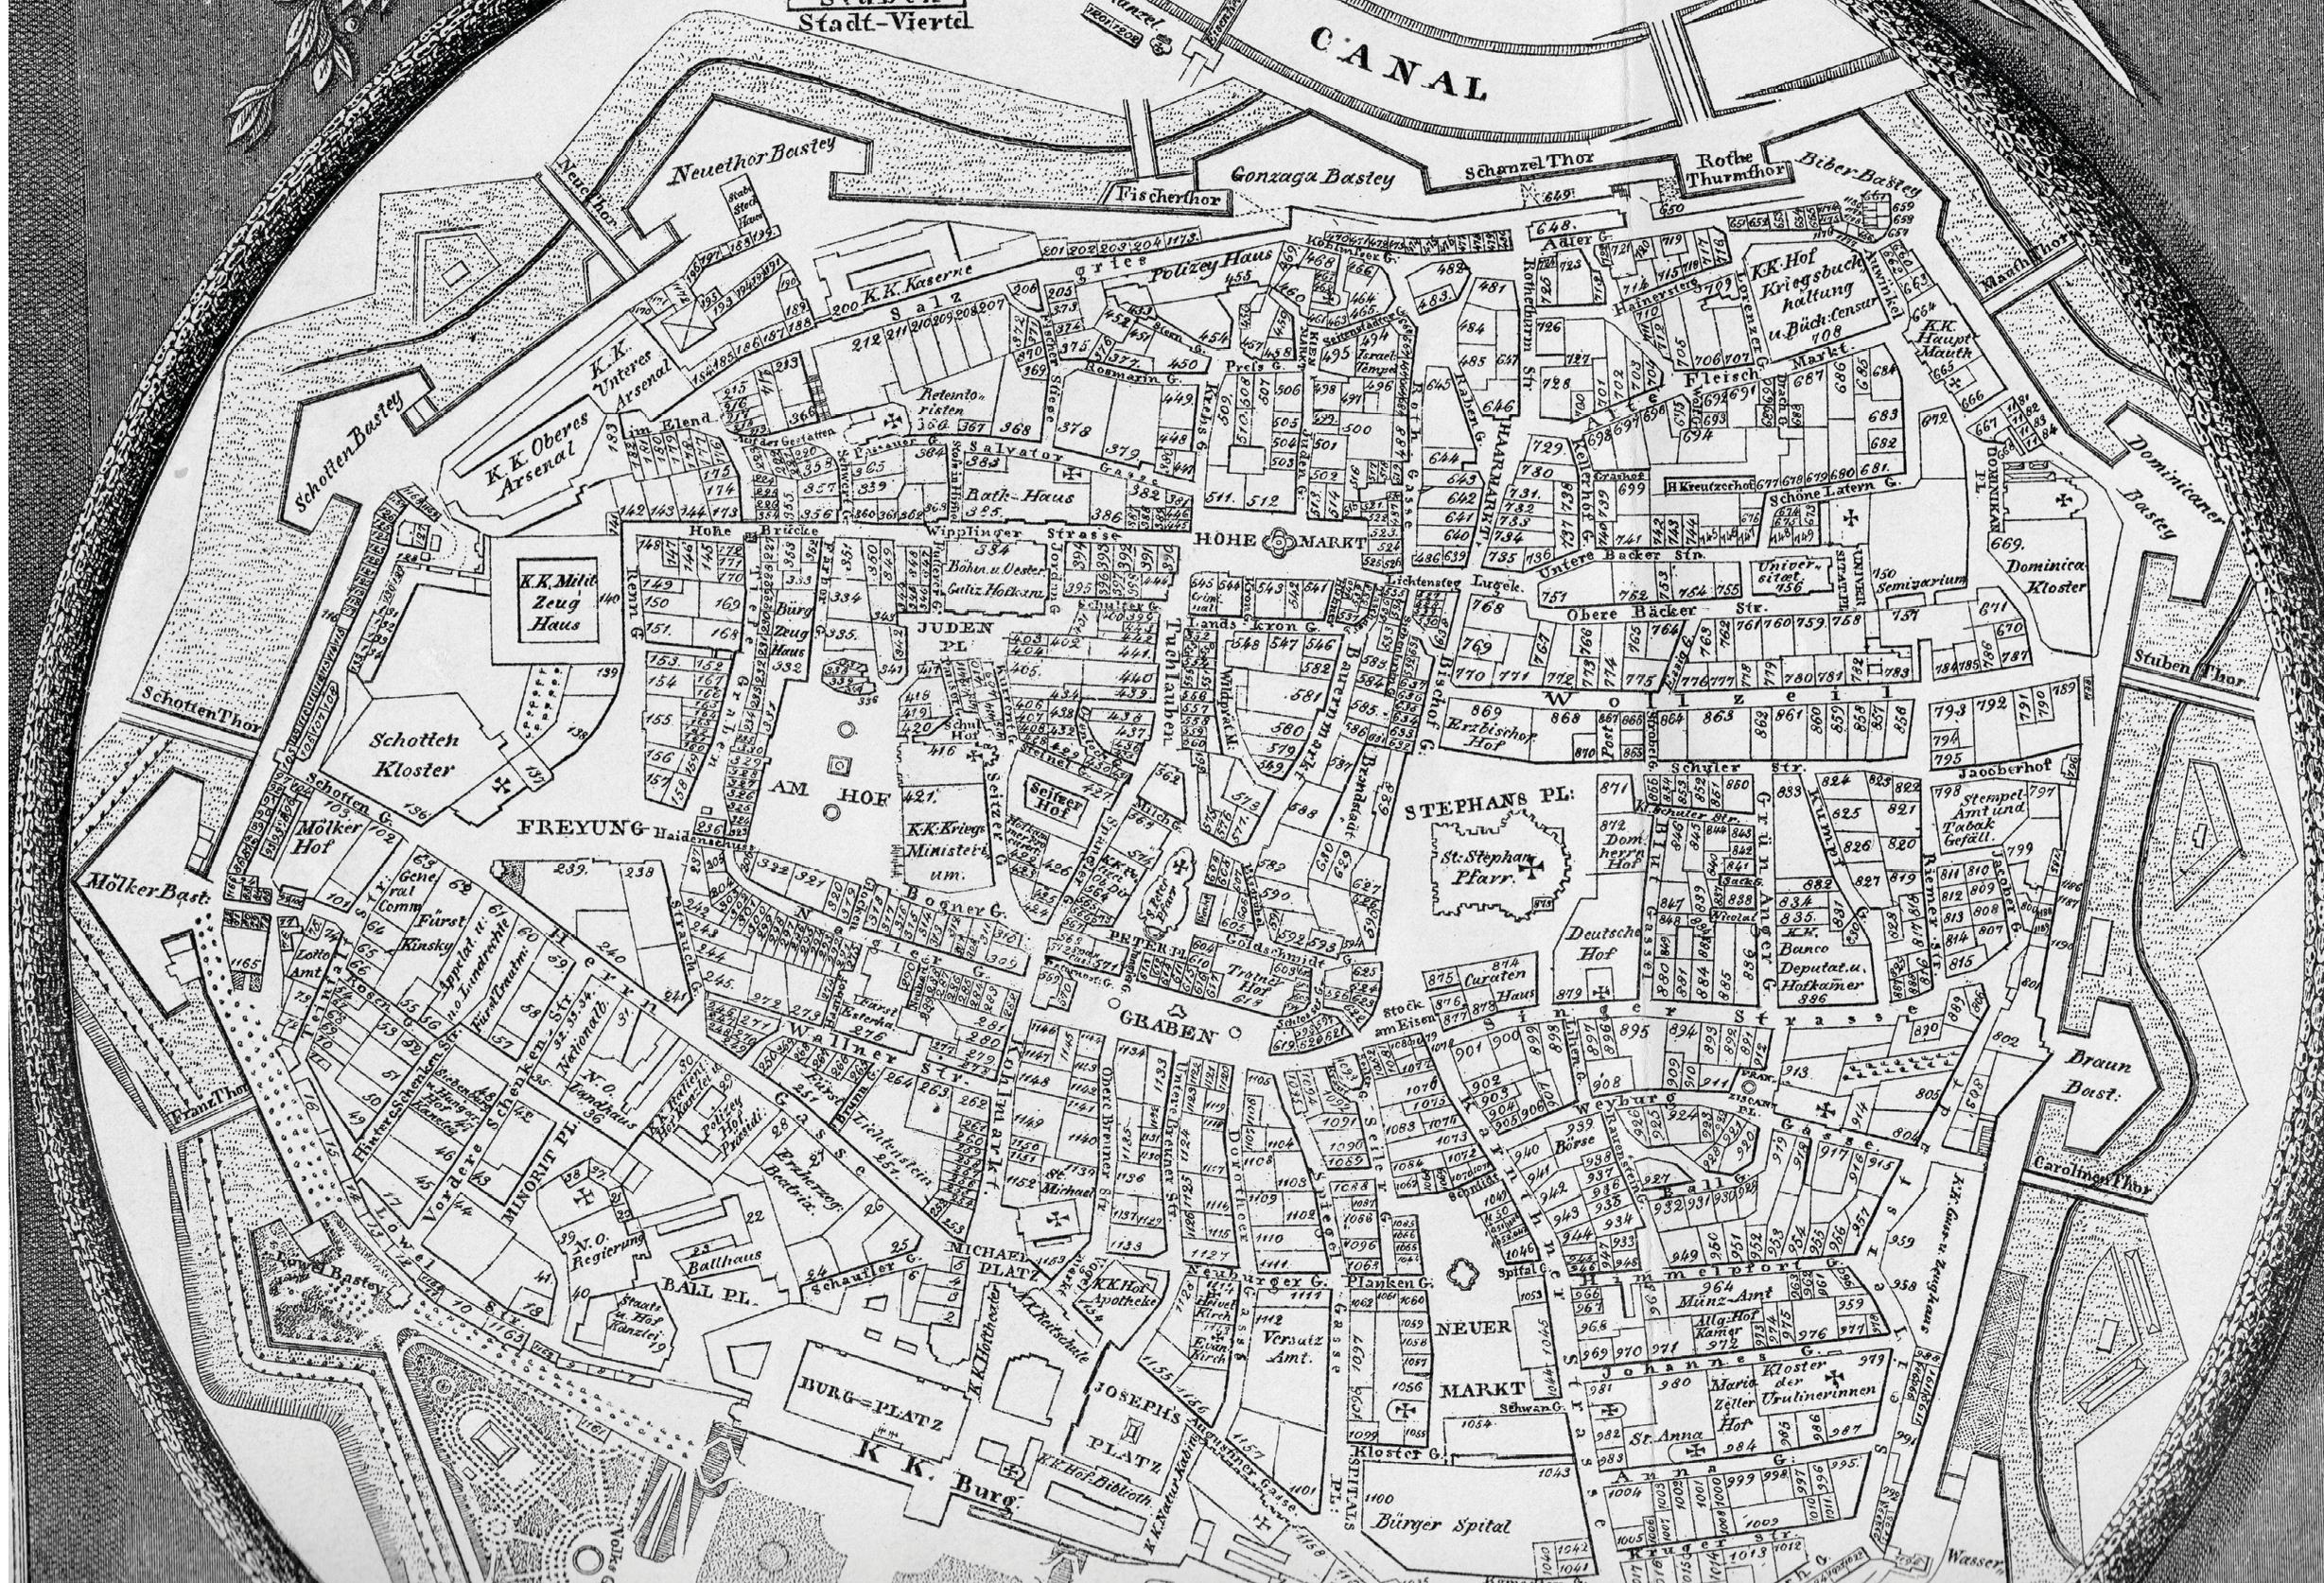 Wien im 19. Jahrhundert